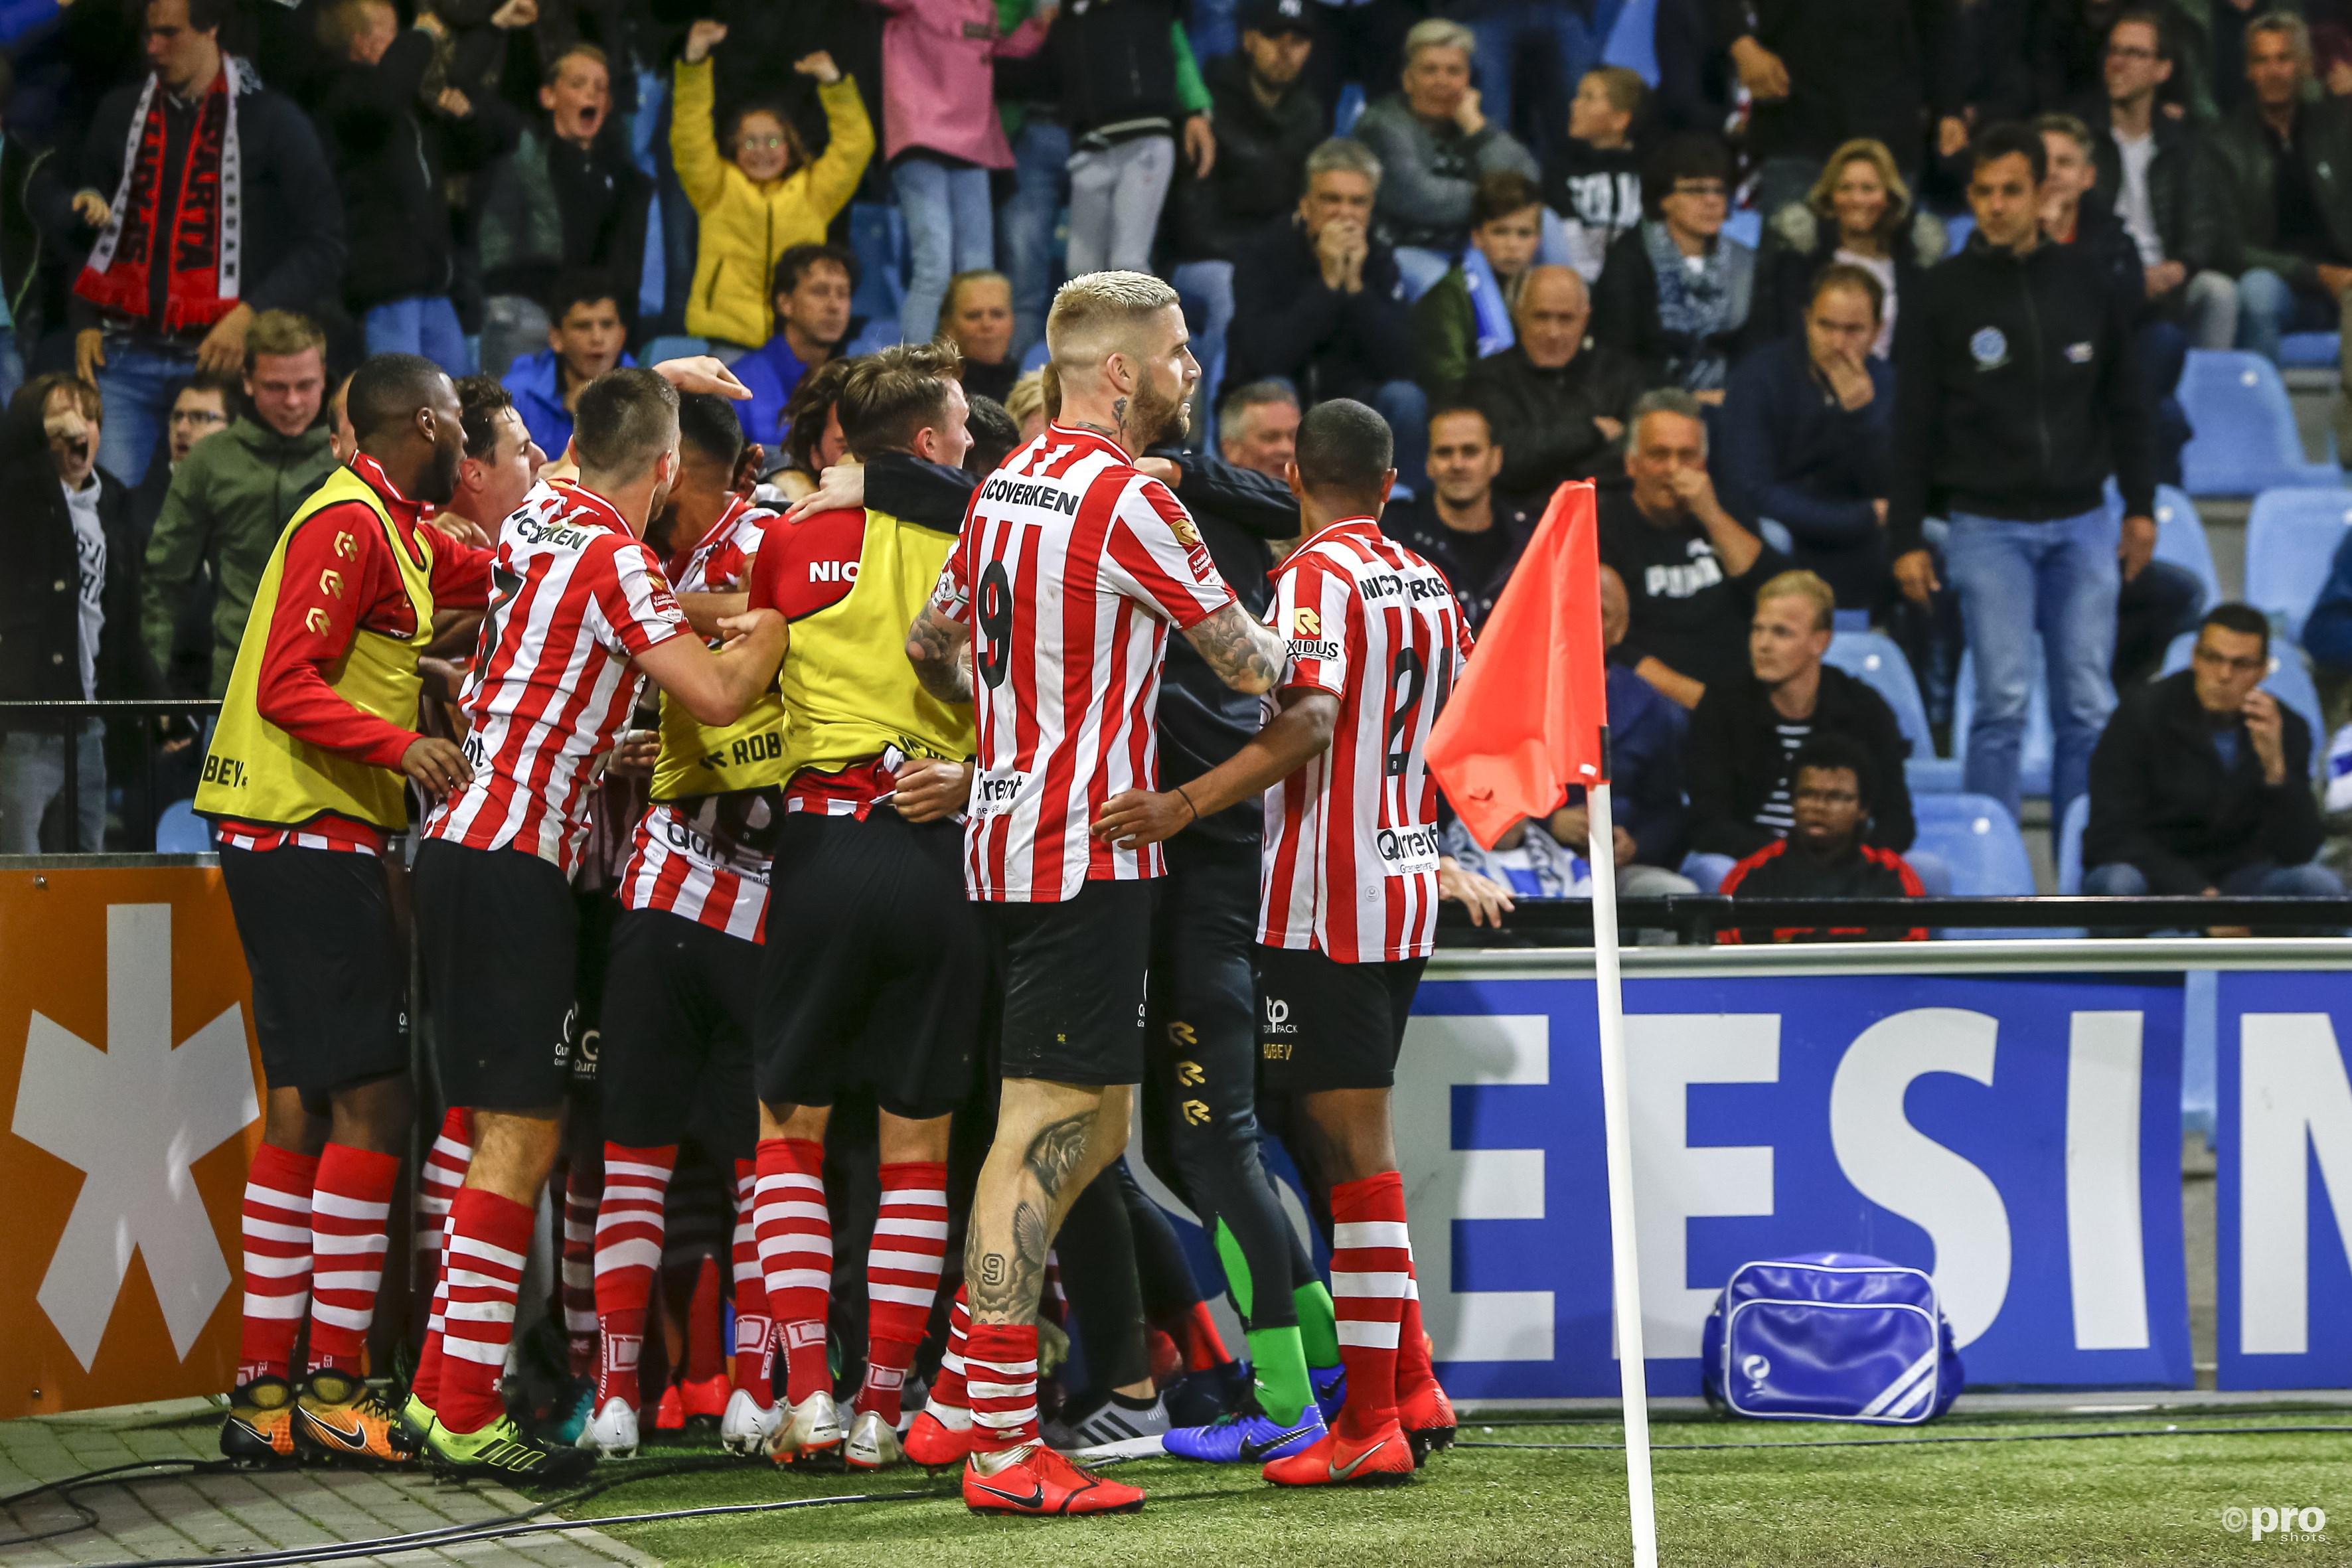 Sparta wint in Doetinchem en keert na seizoen terug in de Eredivisie (Pro Shots / Remko Kool)